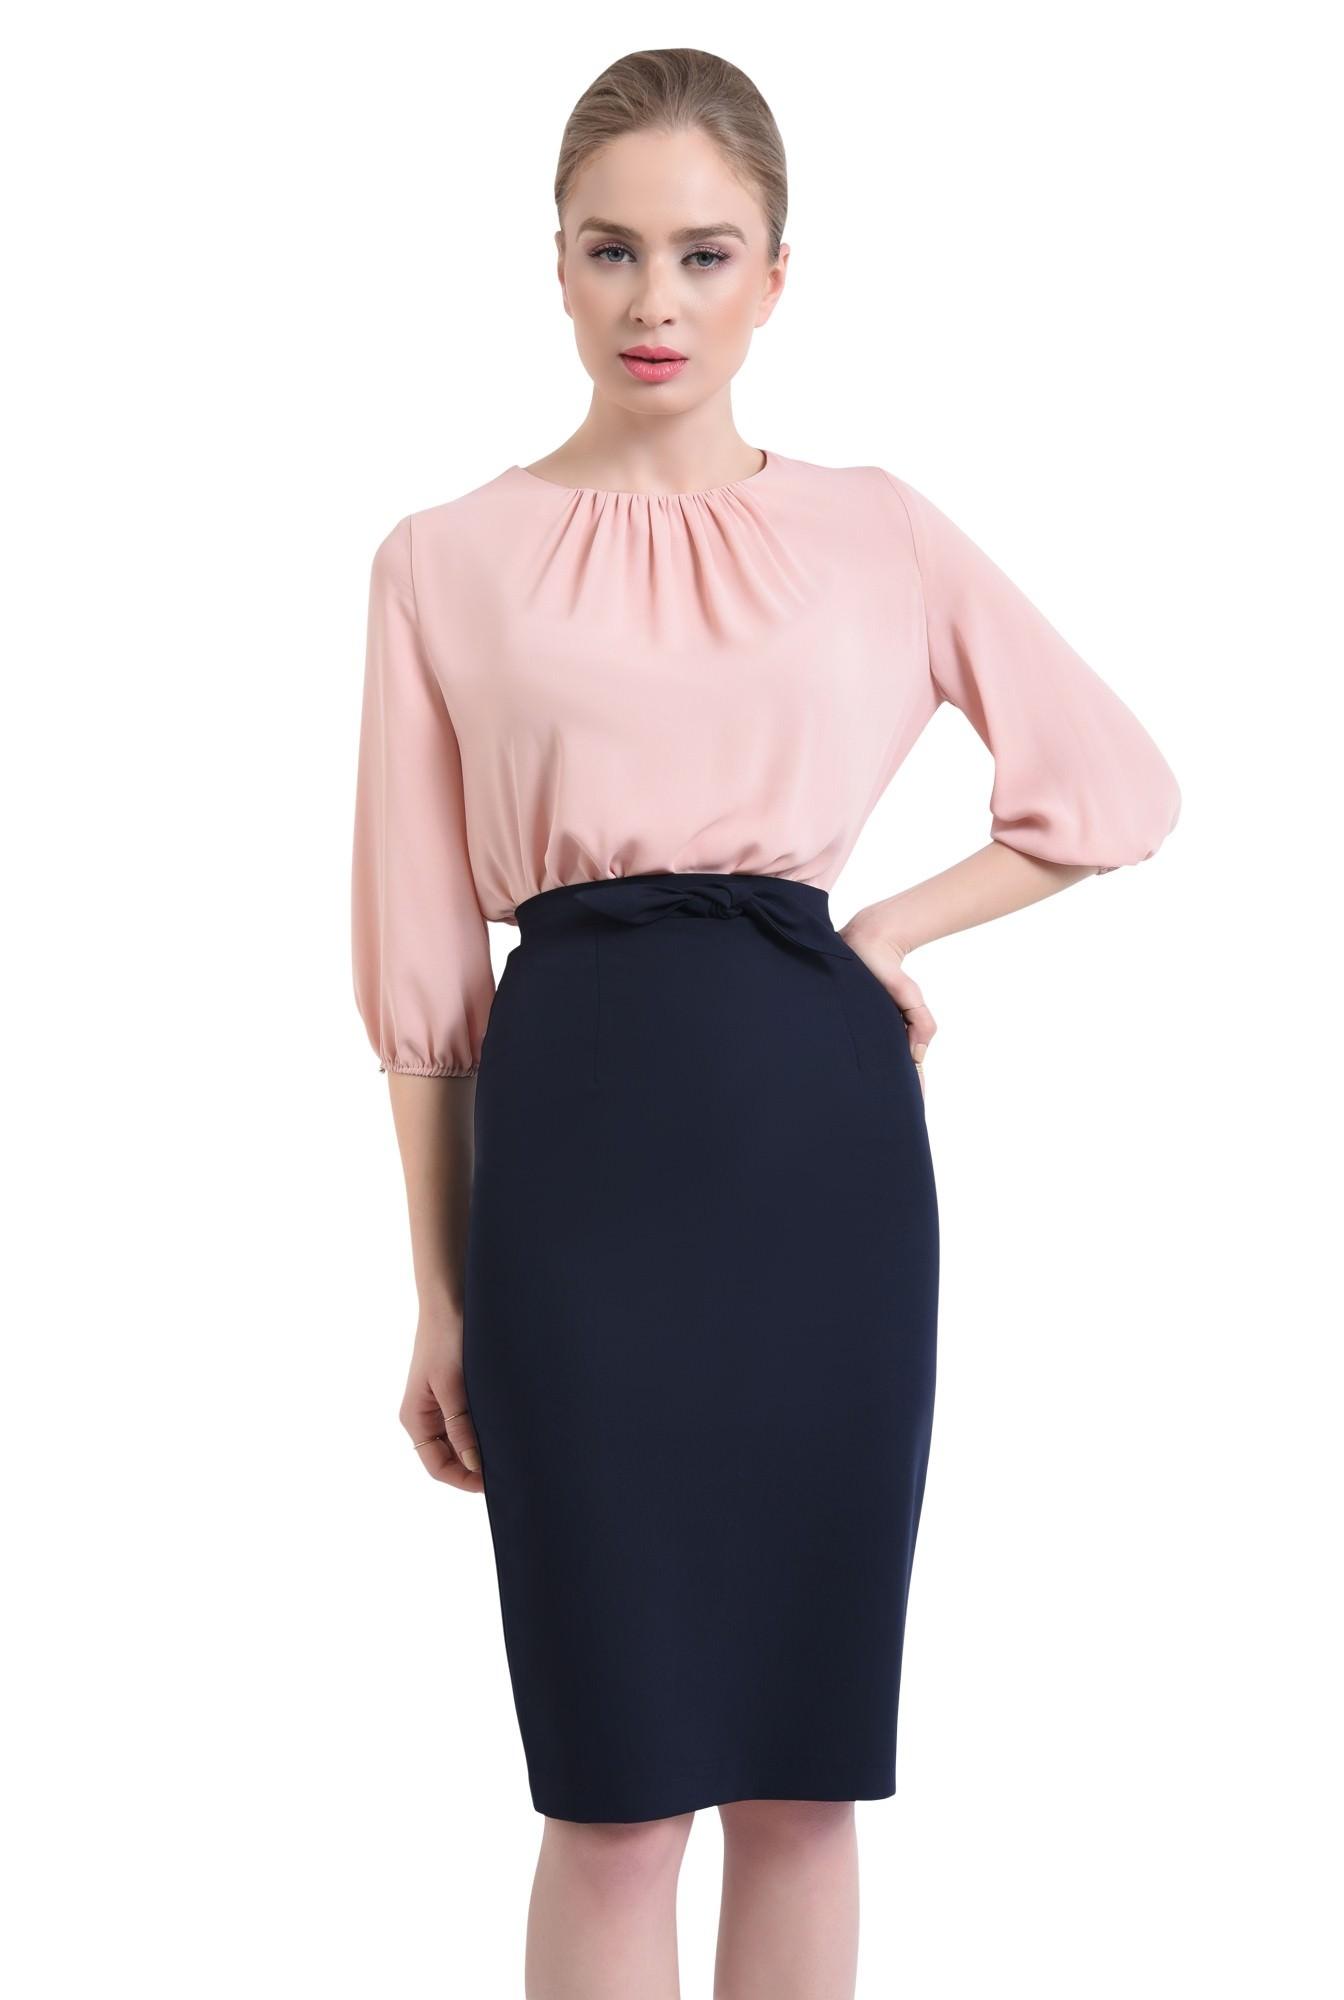 0 - Bluza casual, roz, pliseuri